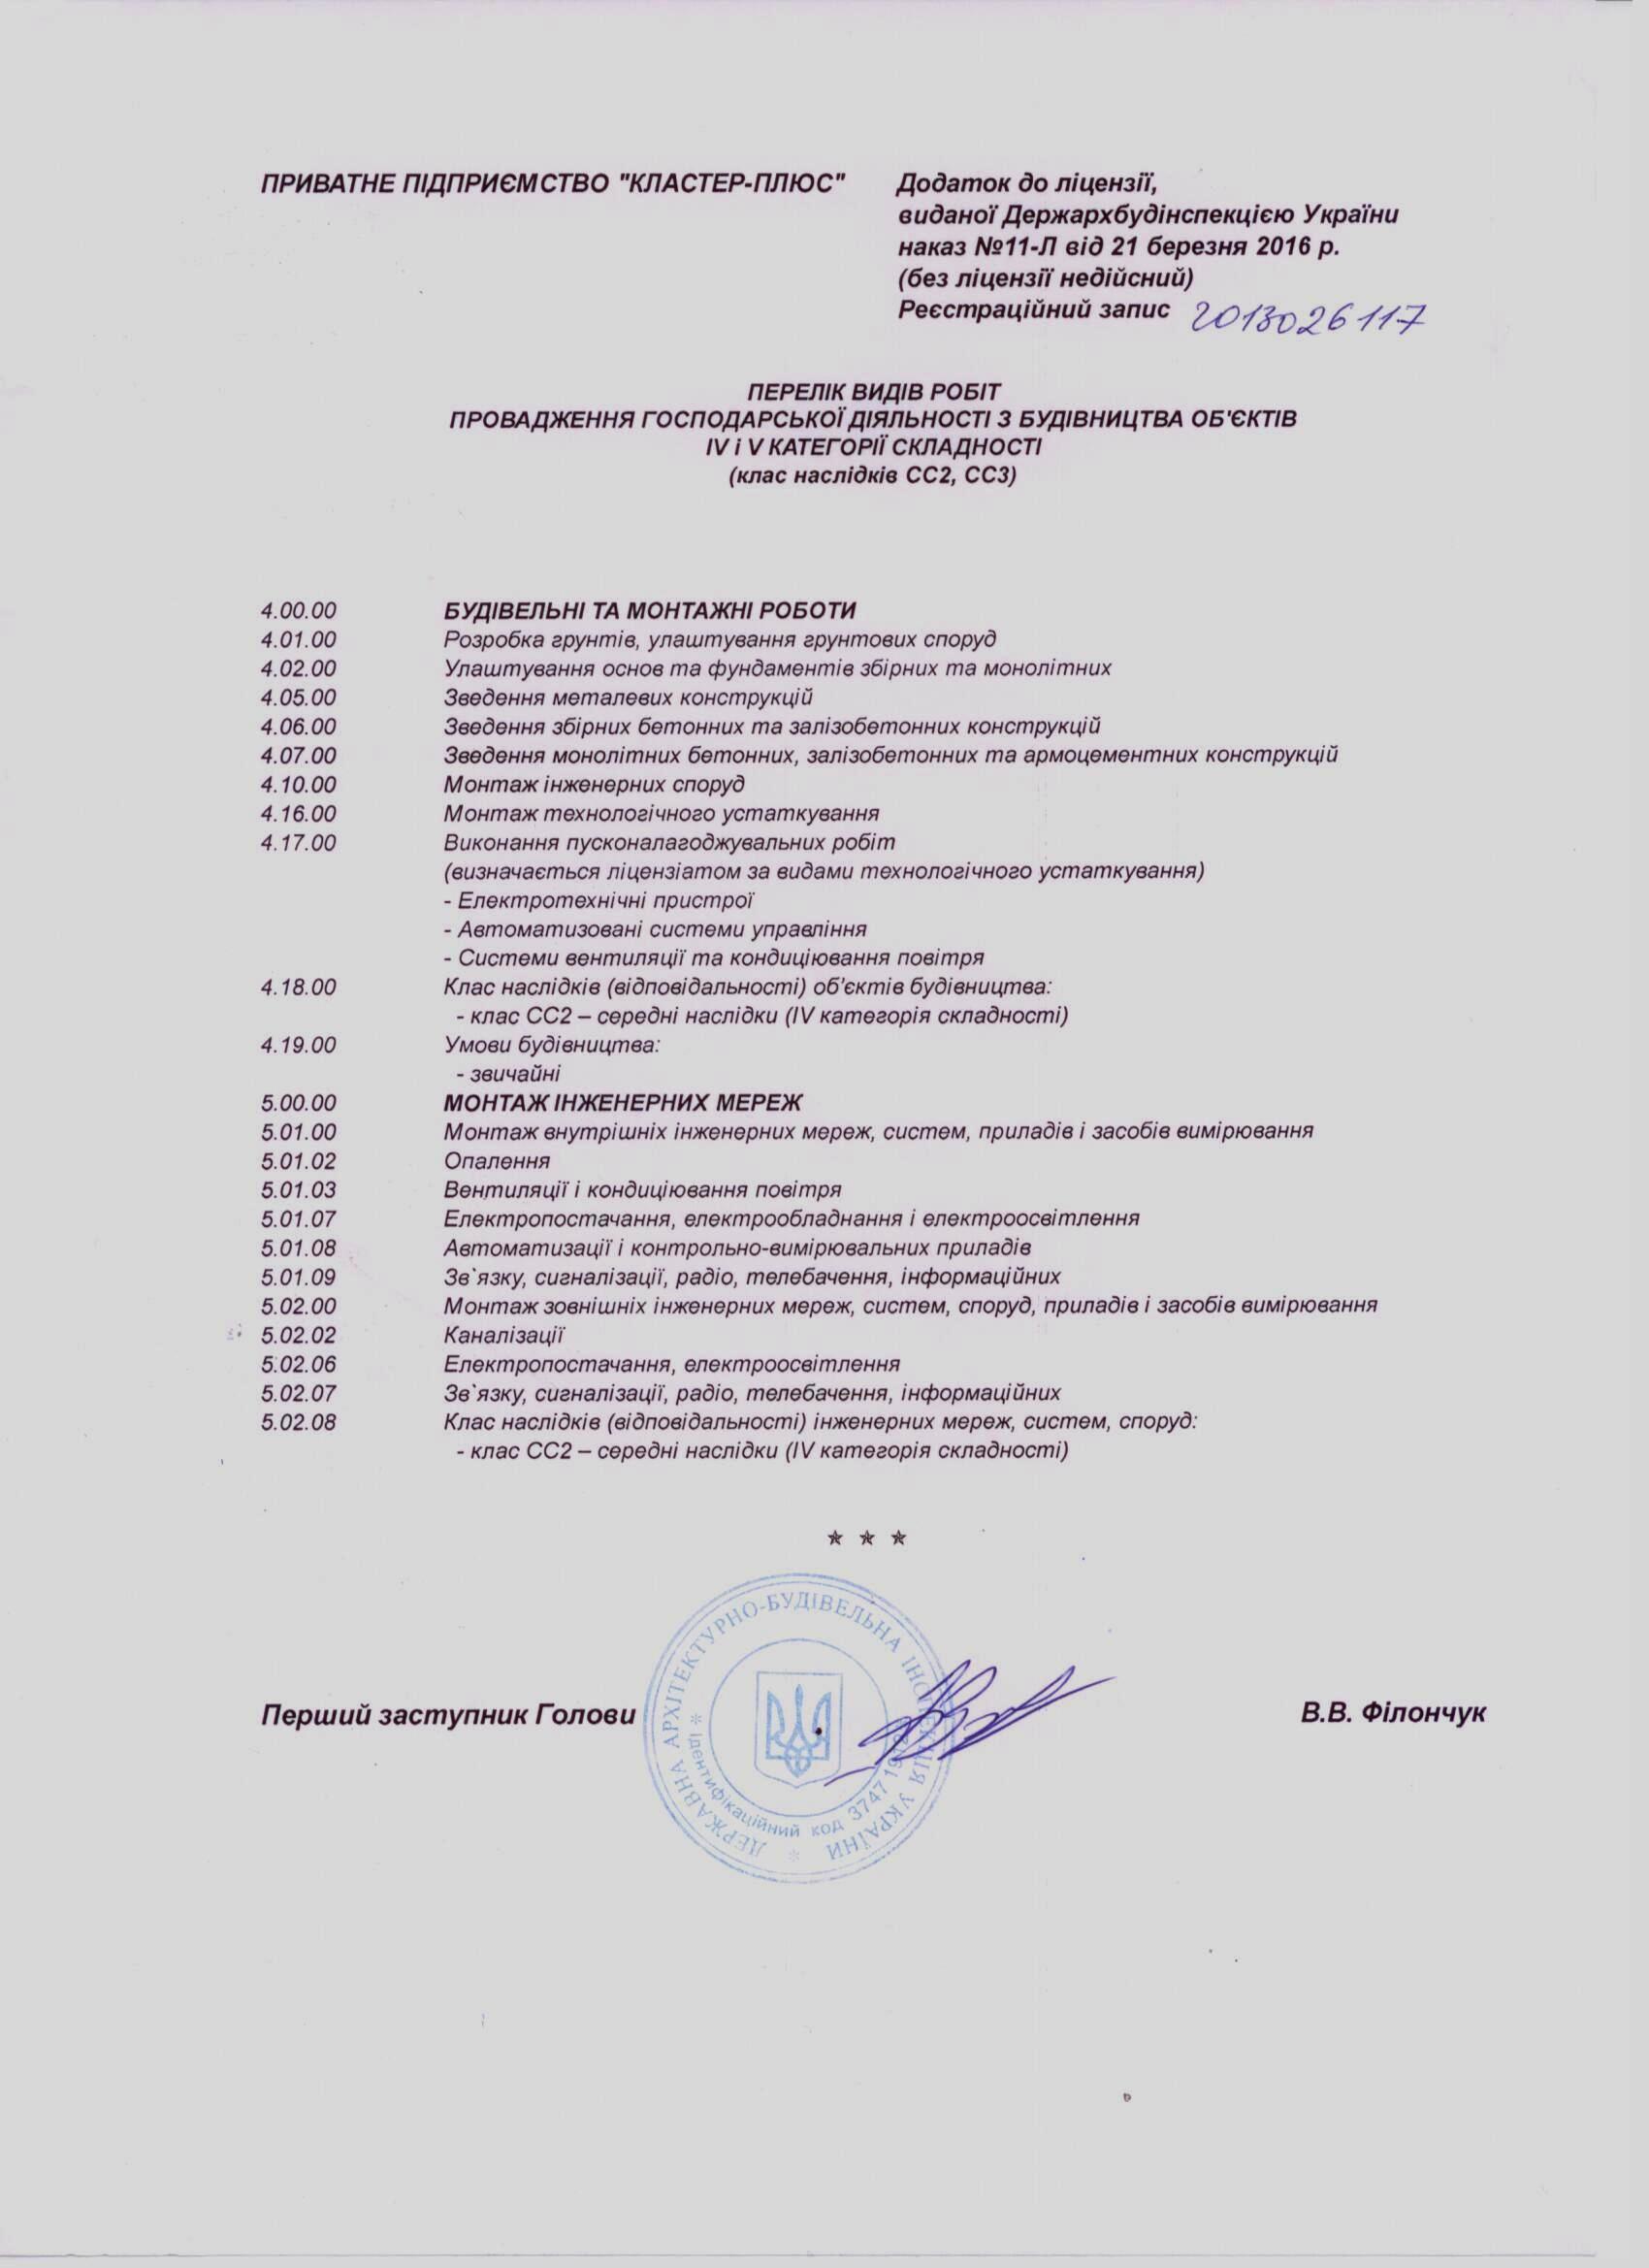 Додаток до ліцензії №2013026117 від 27 березня 2016 р.